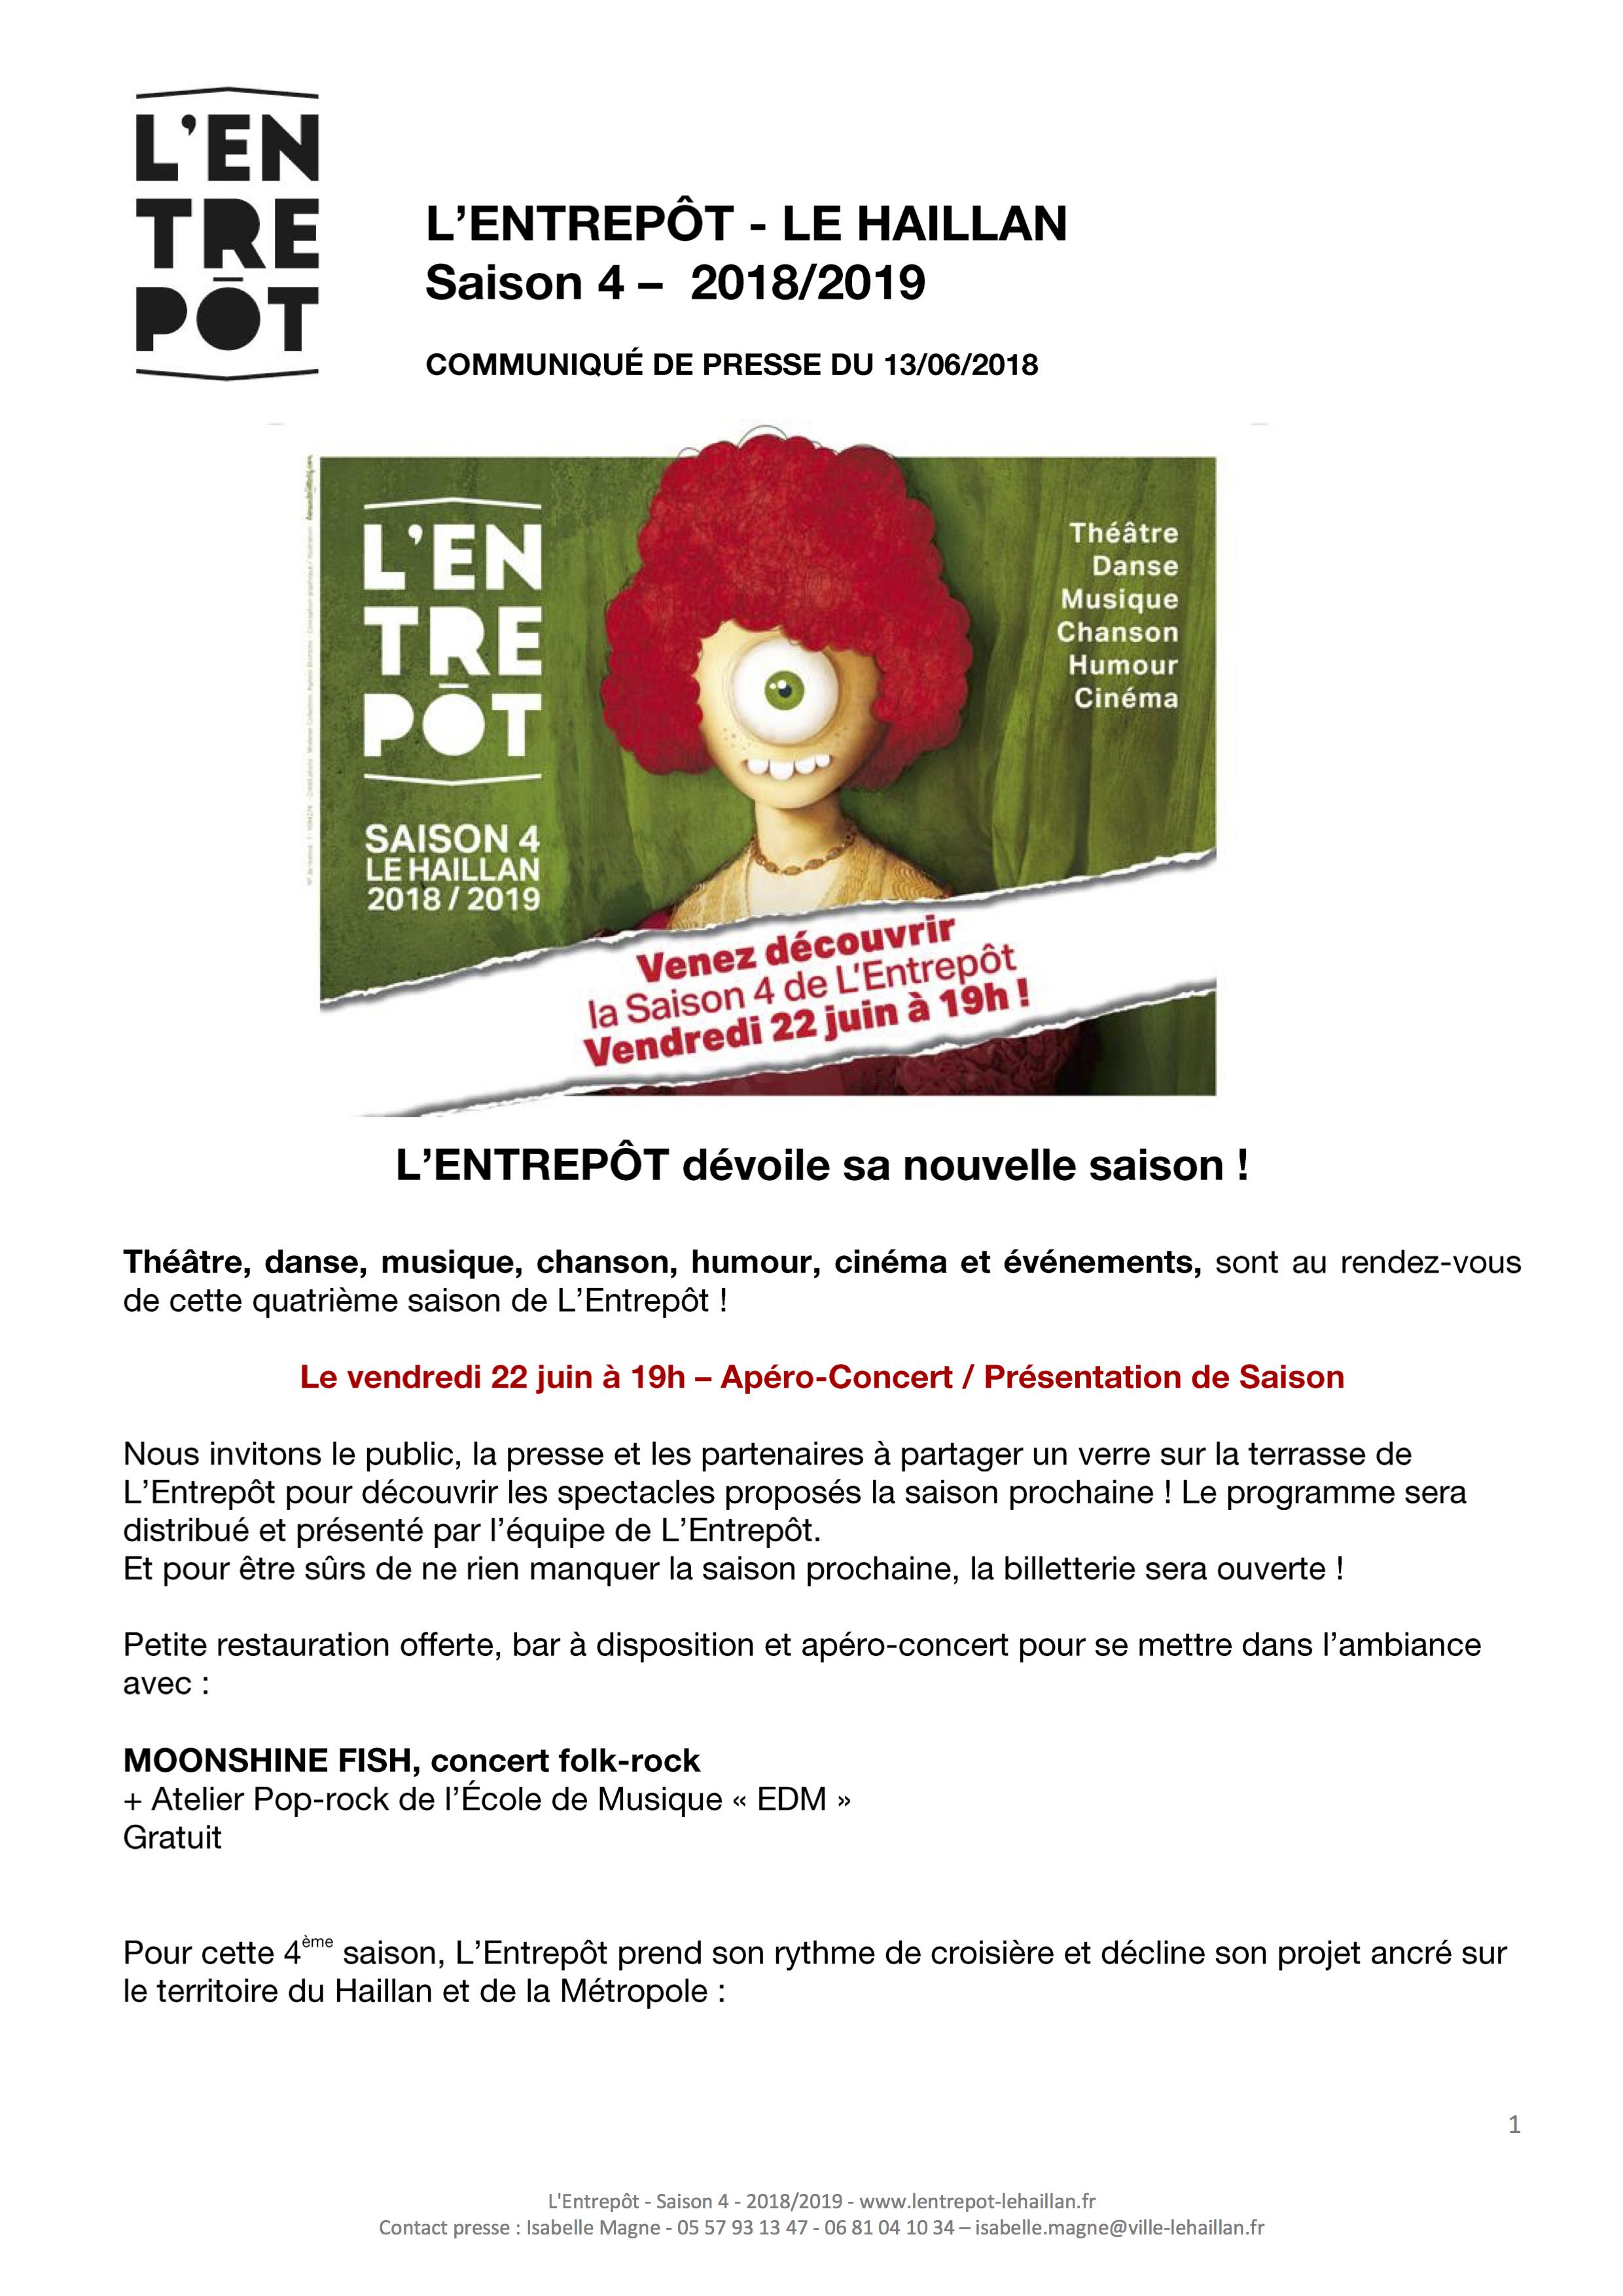 communique-de-presse_n1_-lentrepot-presente-sa-saison-4-_-22-juin-a-19h